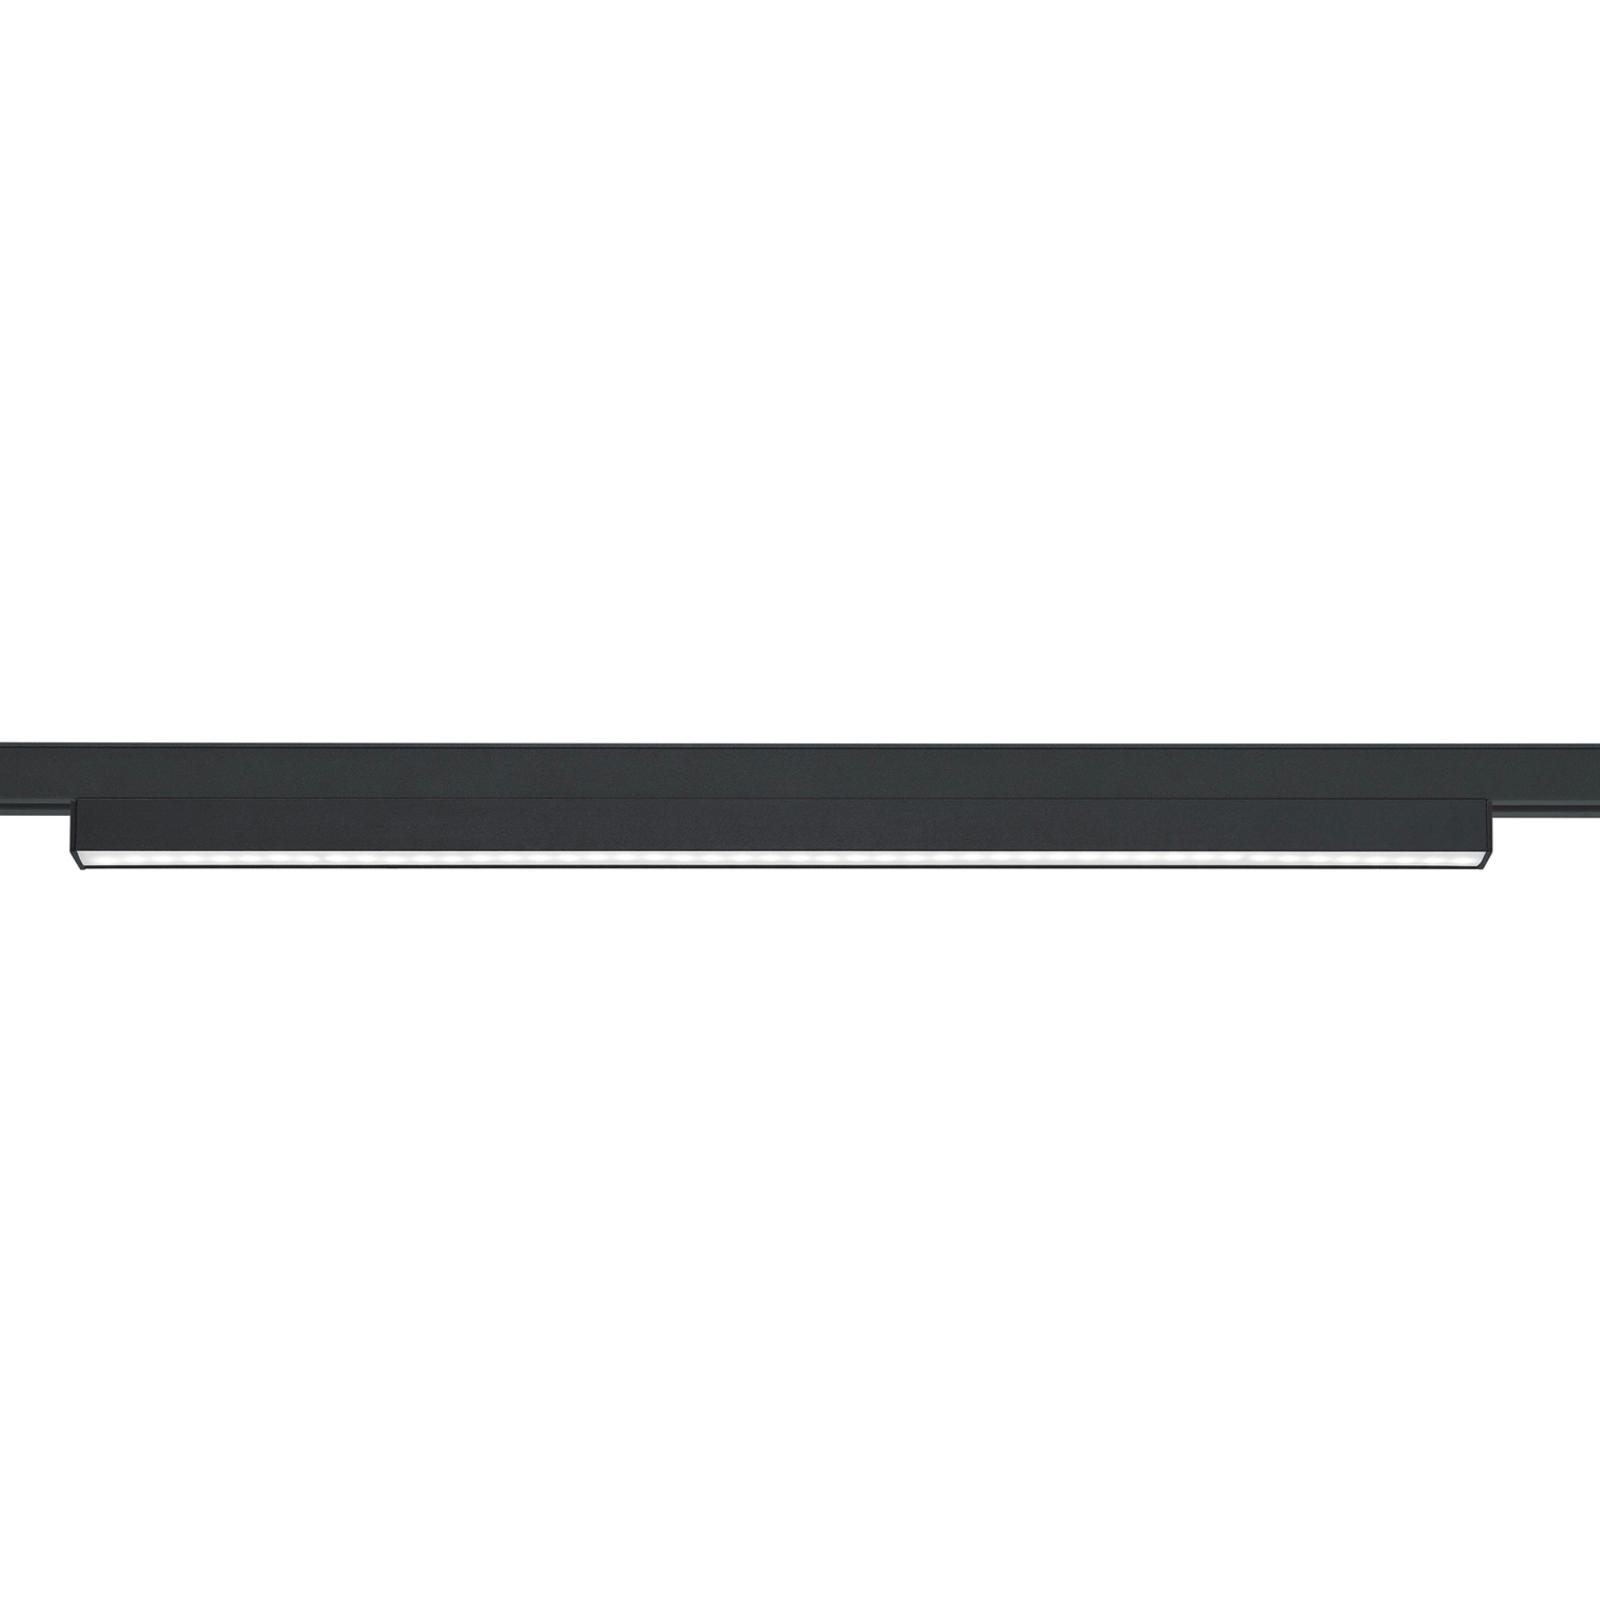 LED světelná lišta pro DUOline systém černá